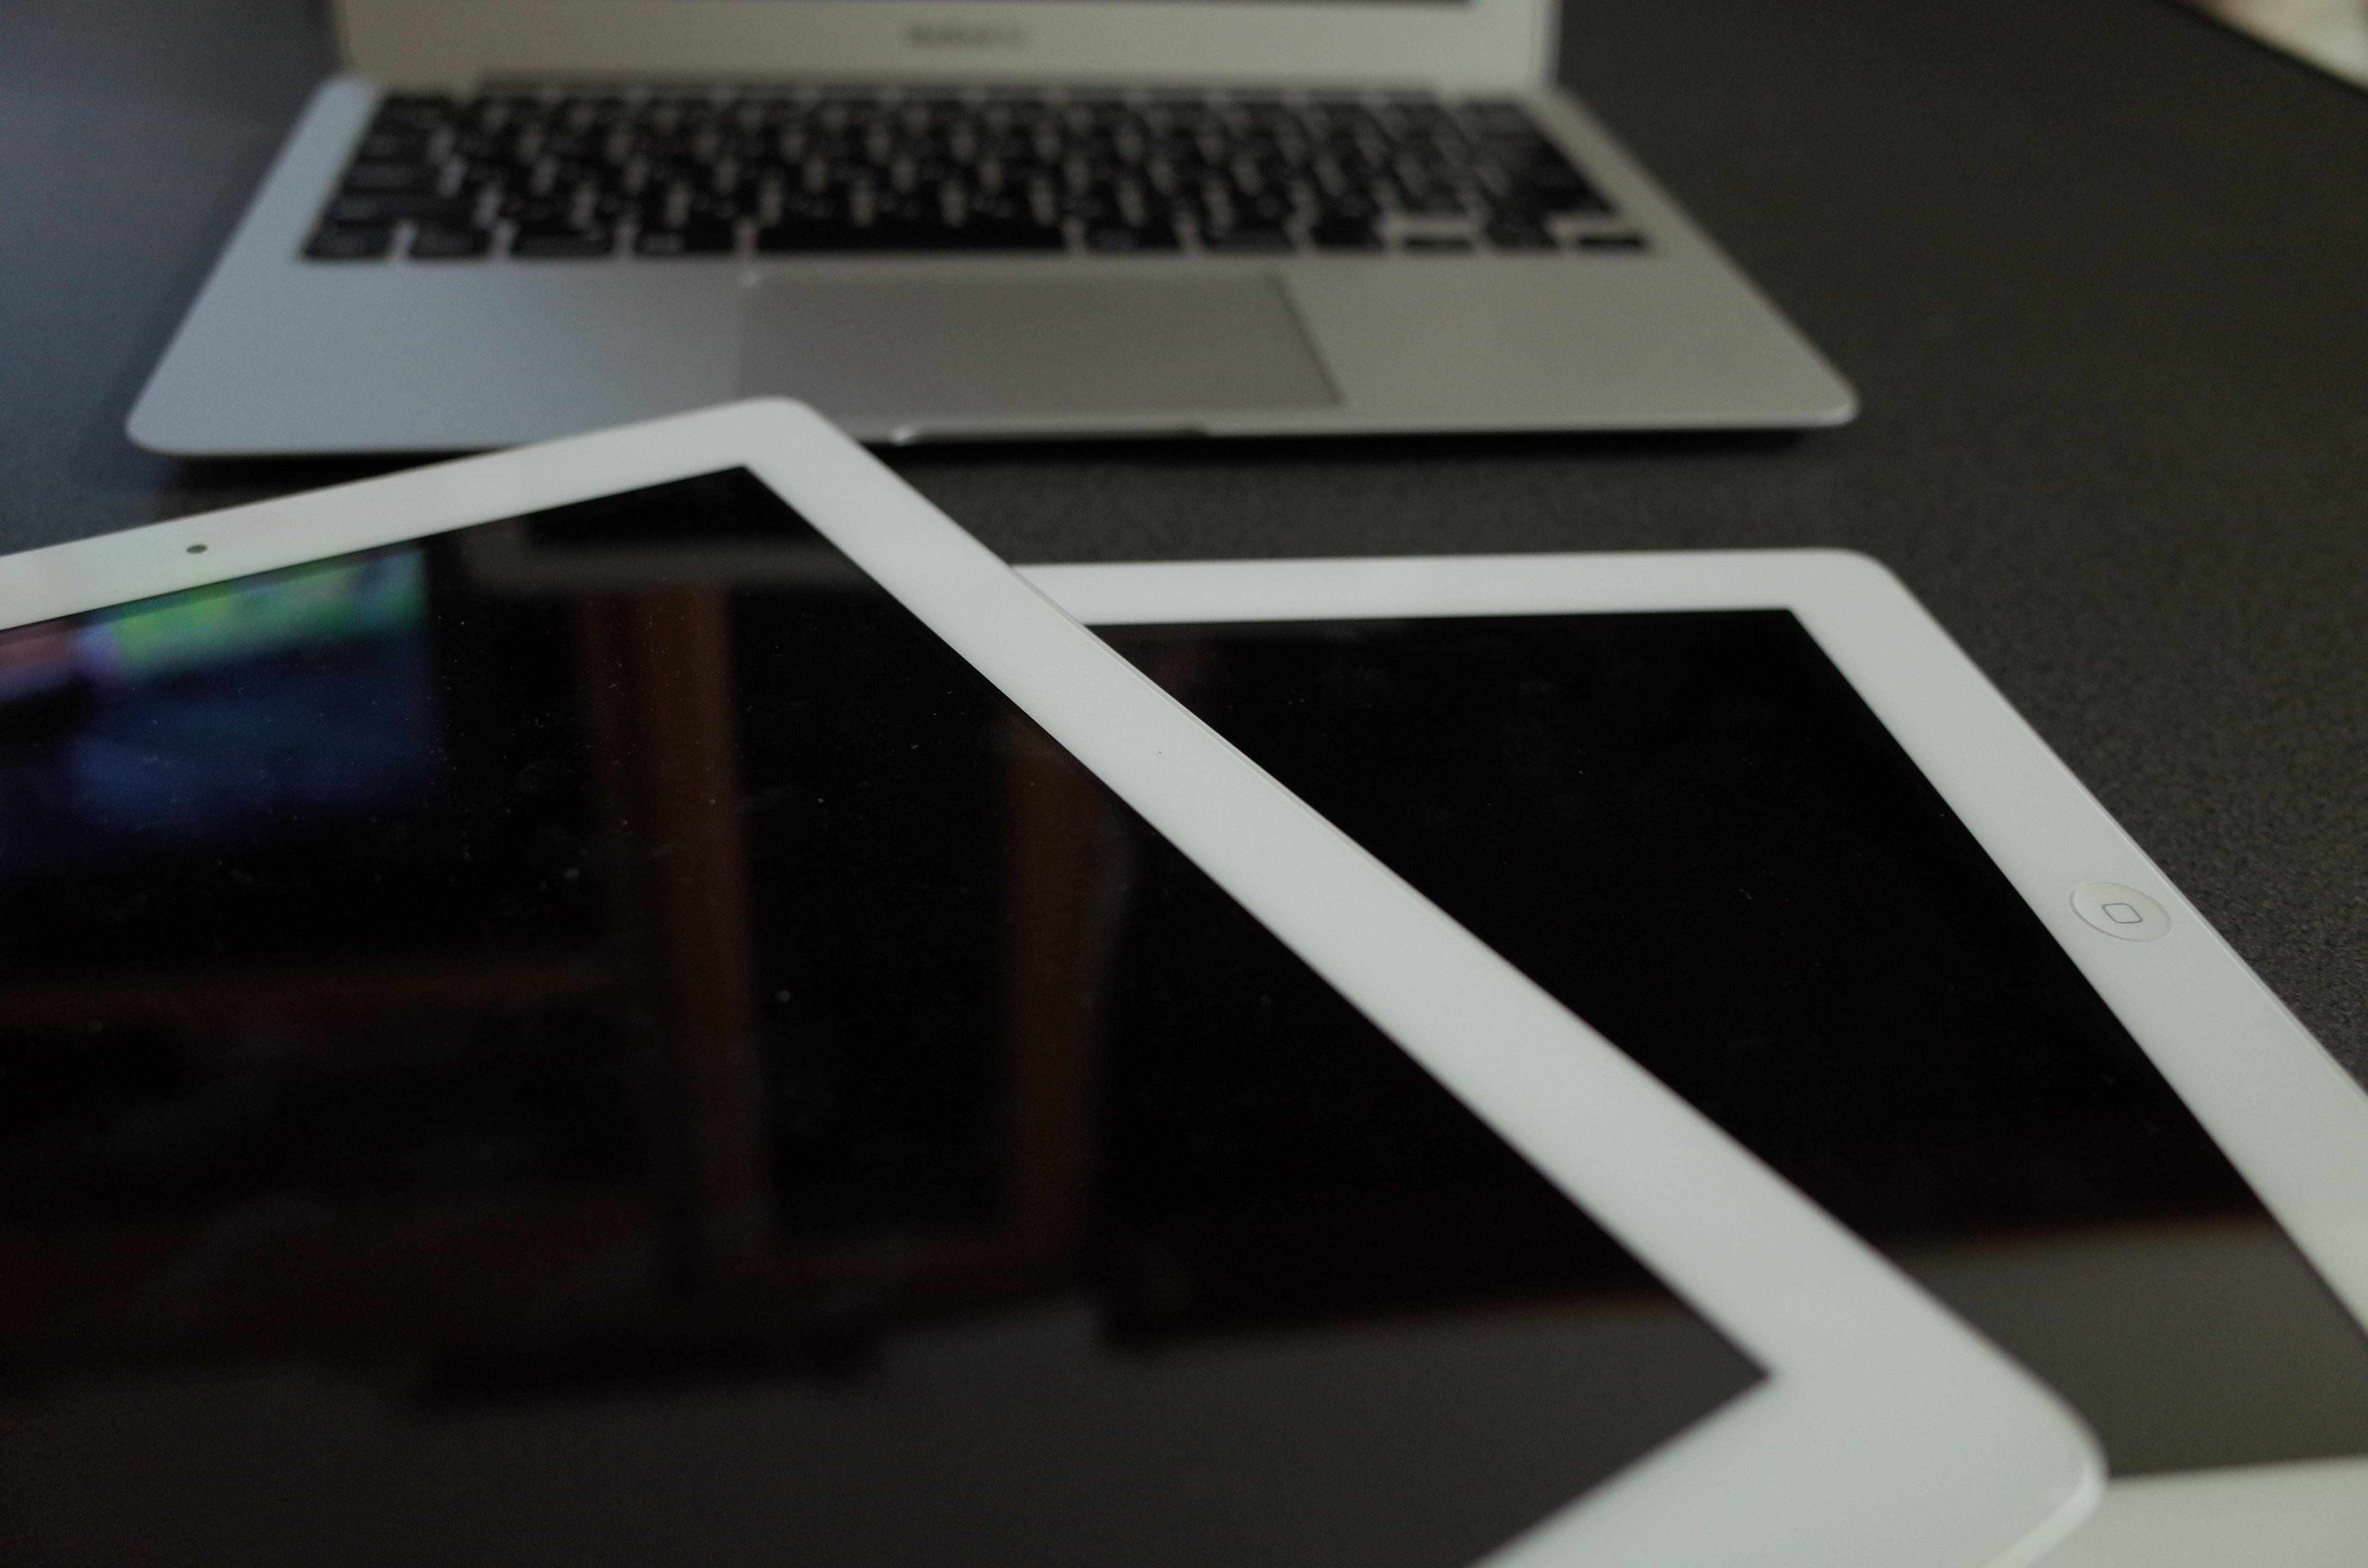 論文はiPadで読む。